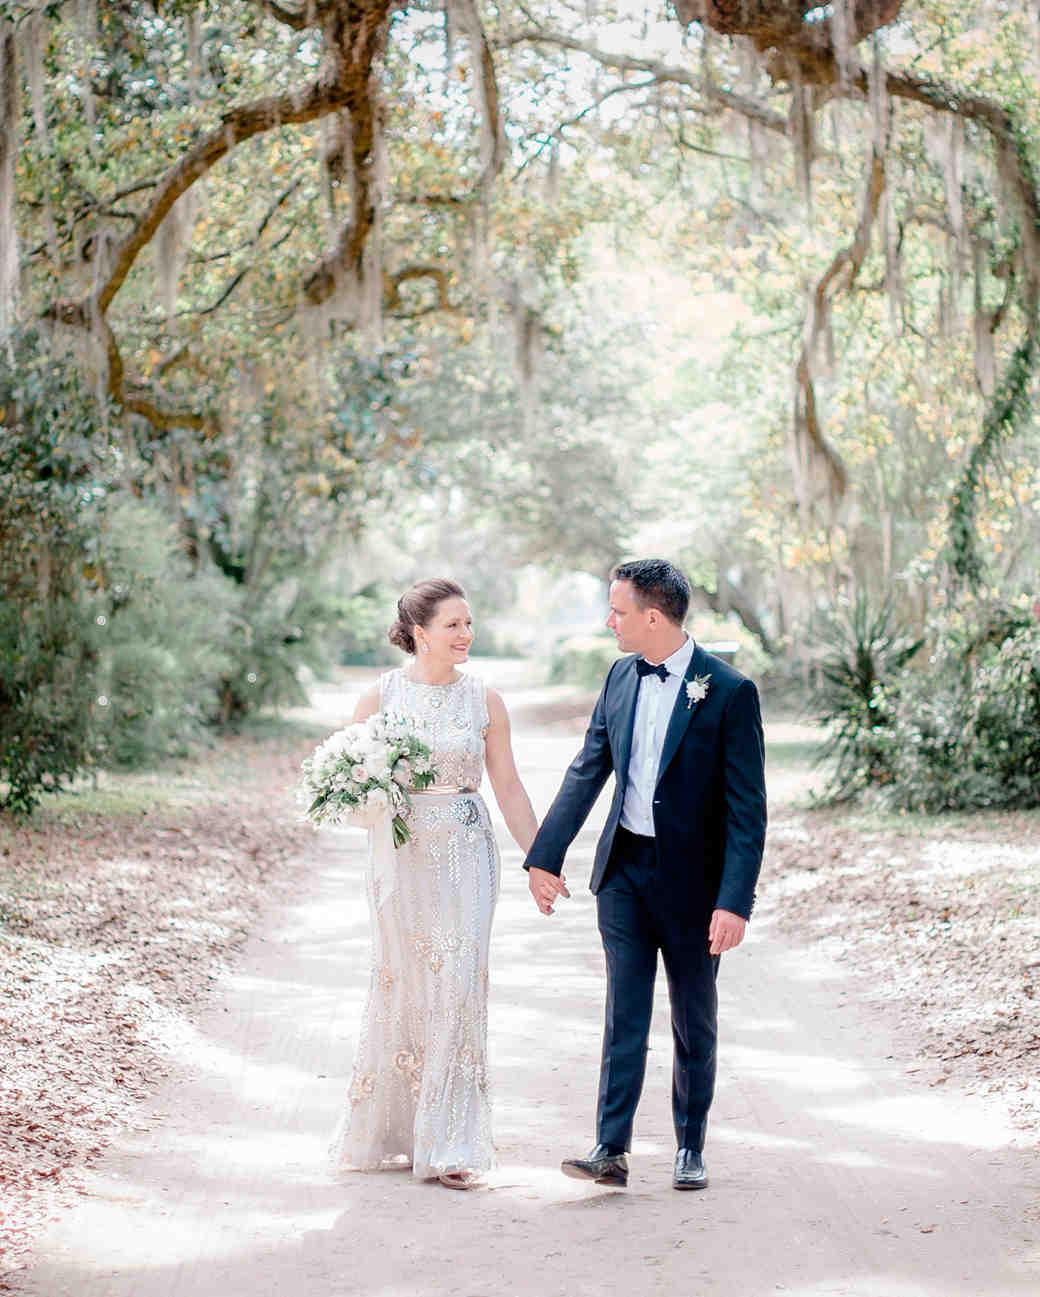 melany-drew-wedding-couple-015-s112184-0915.jpg